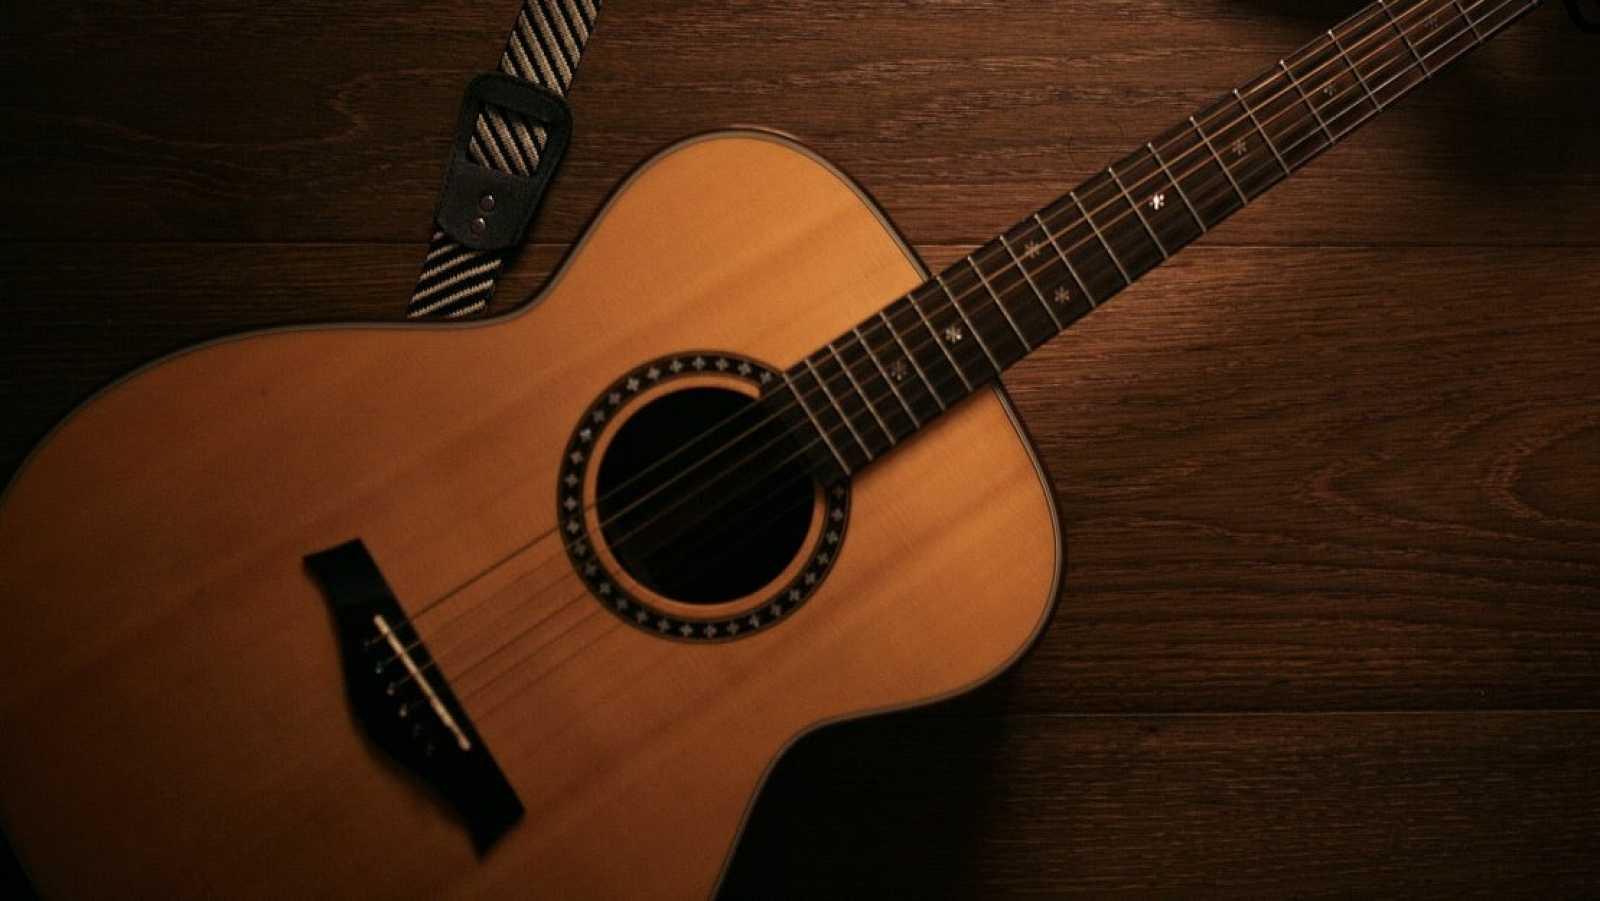 La guitarra - 24/01/21 - escuchar ahora